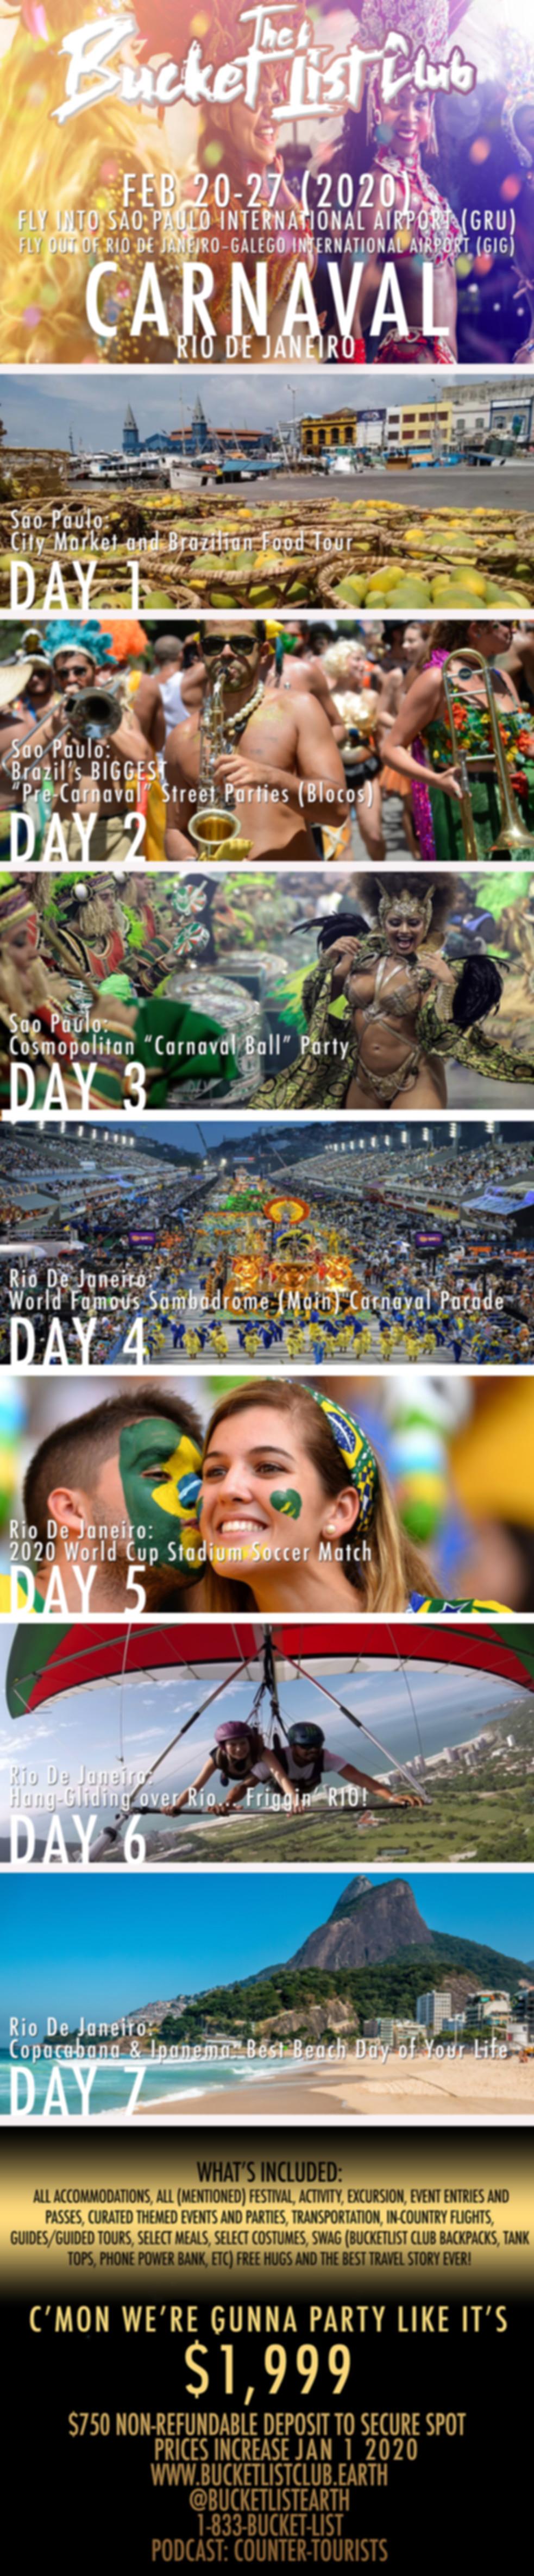 carnival brazil rio poster.jpg